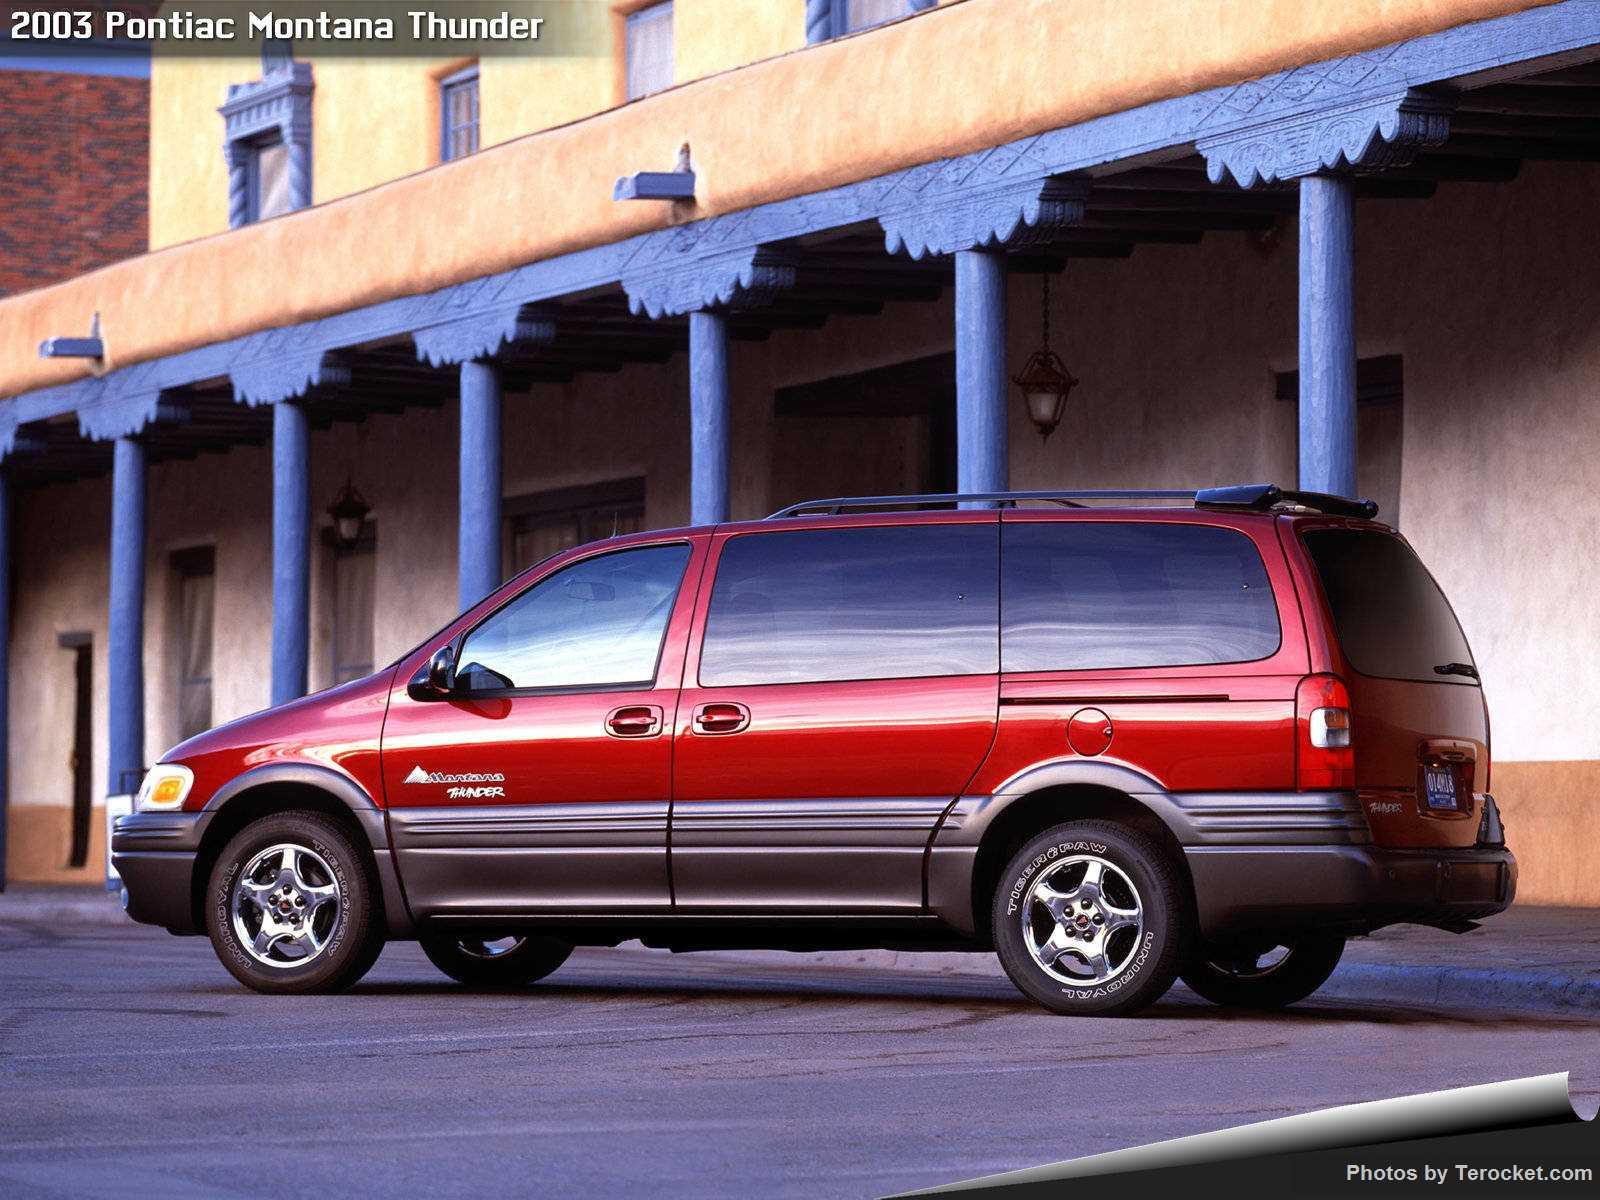 Hình ảnh xe ô tô Pontiac Montana Thunder 2003 & nội ngoại thất